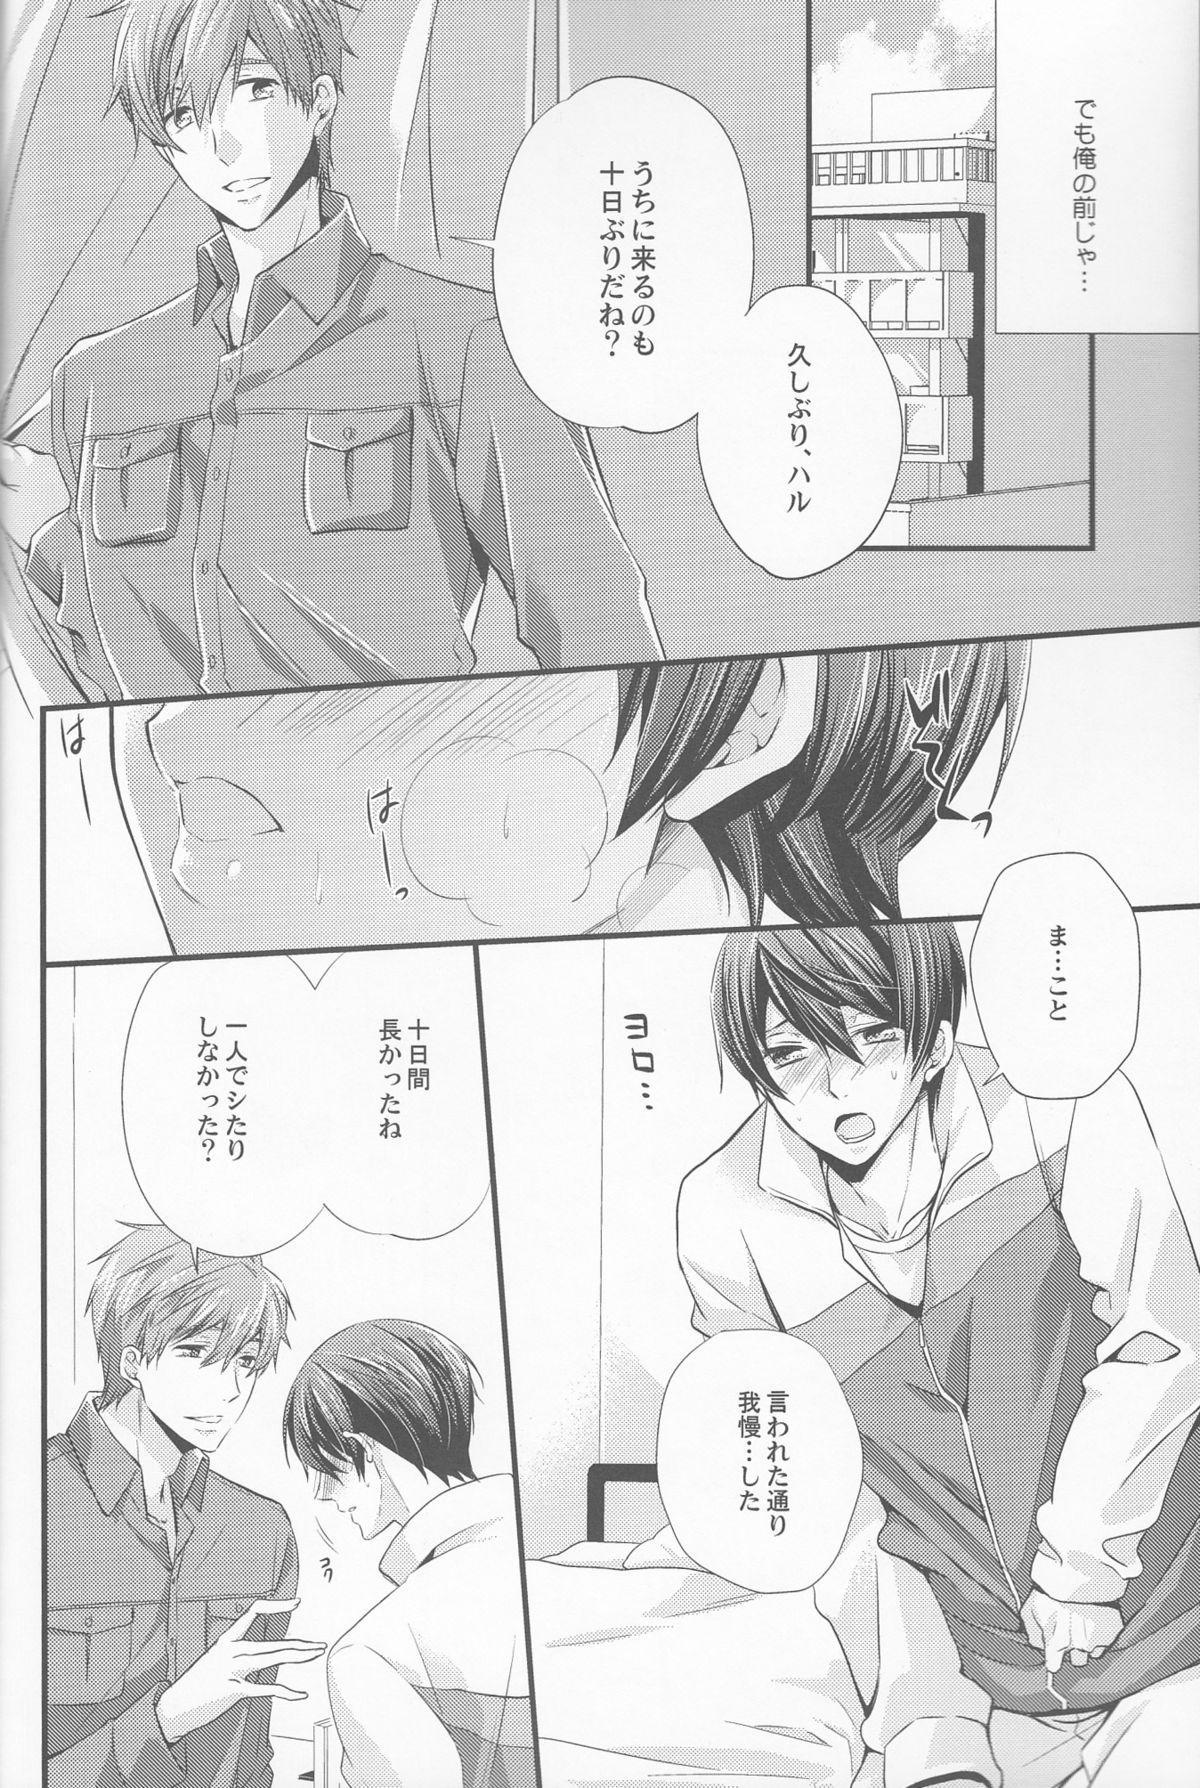 M na Koibito o Yorokobaseru Houhou 3